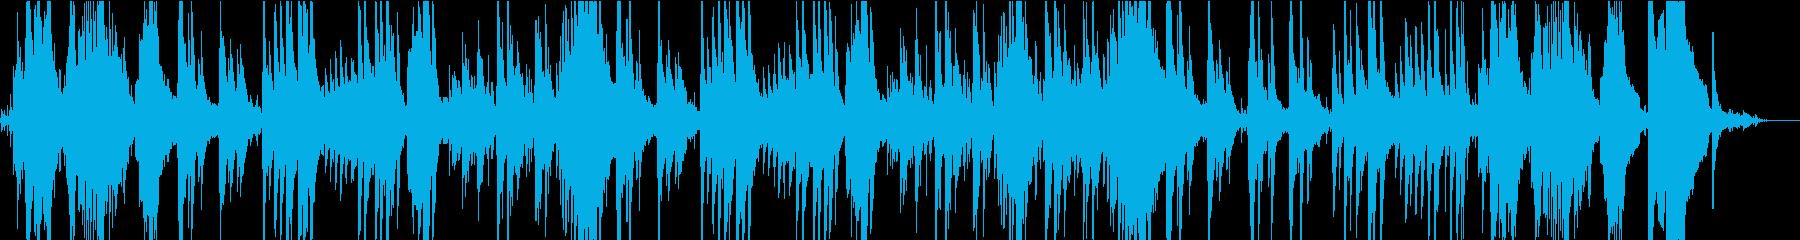 水の音と癒やしの印象派風のピアノ曲の再生済みの波形